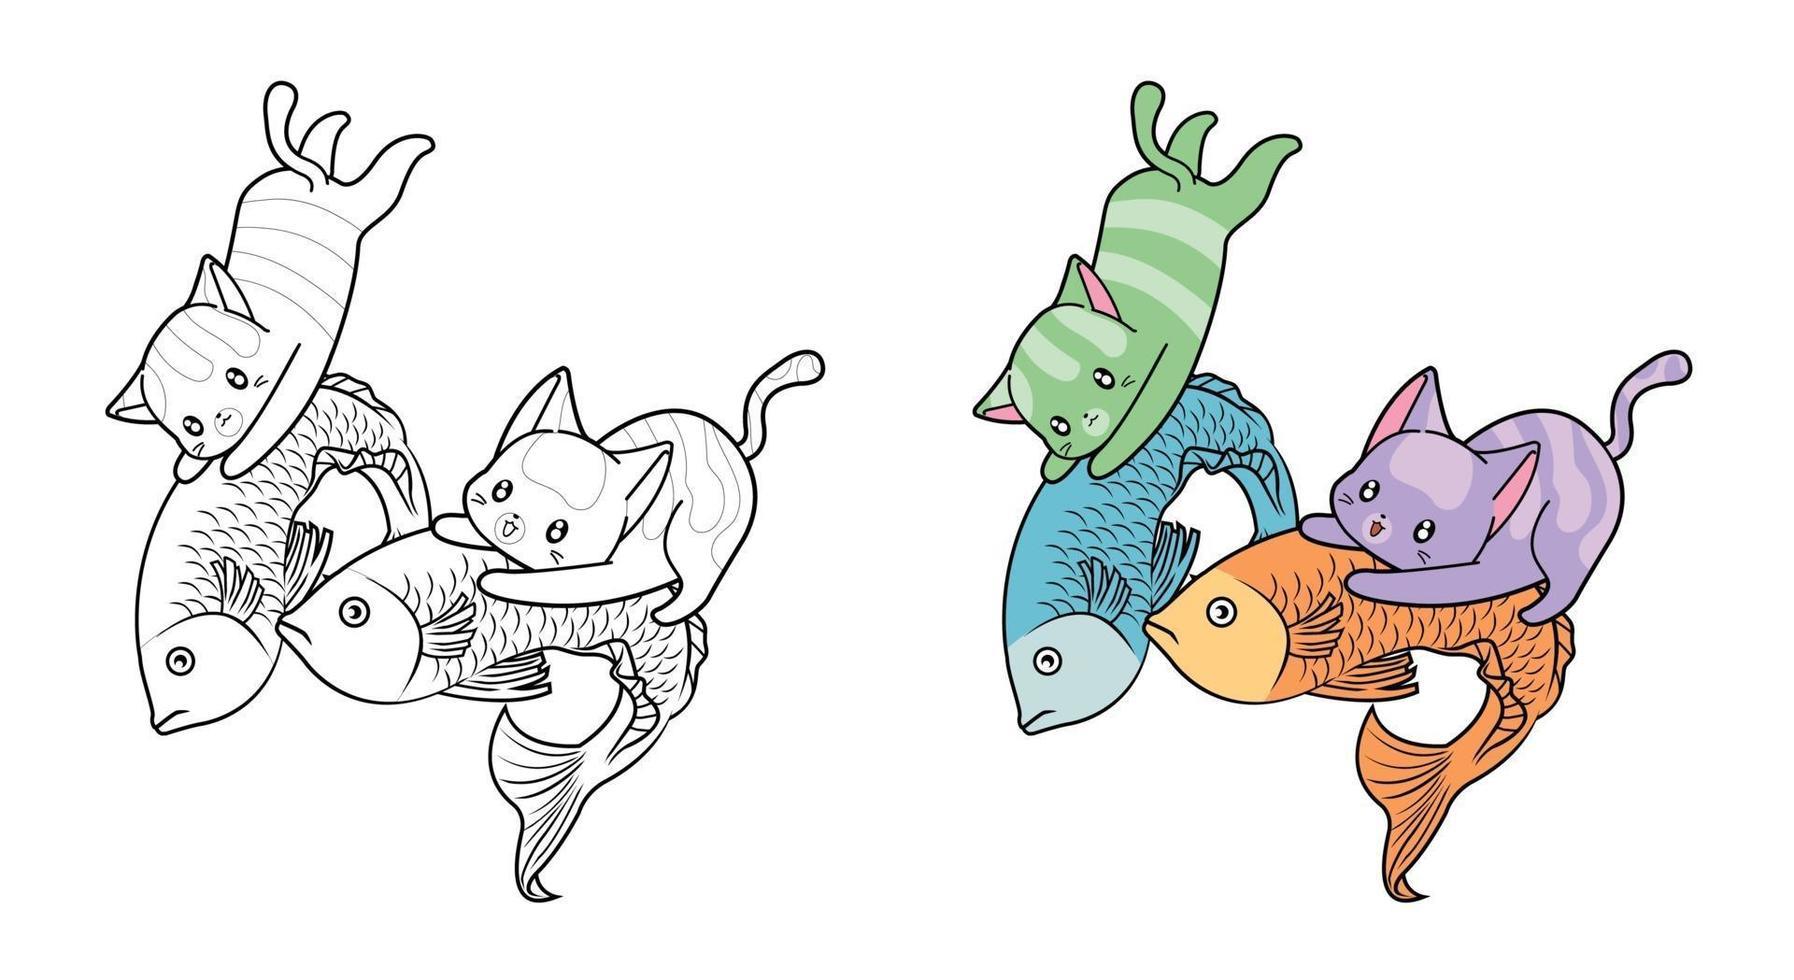 gatos bonitos estão pegando peixes, página de desenho animado para crianças vetor